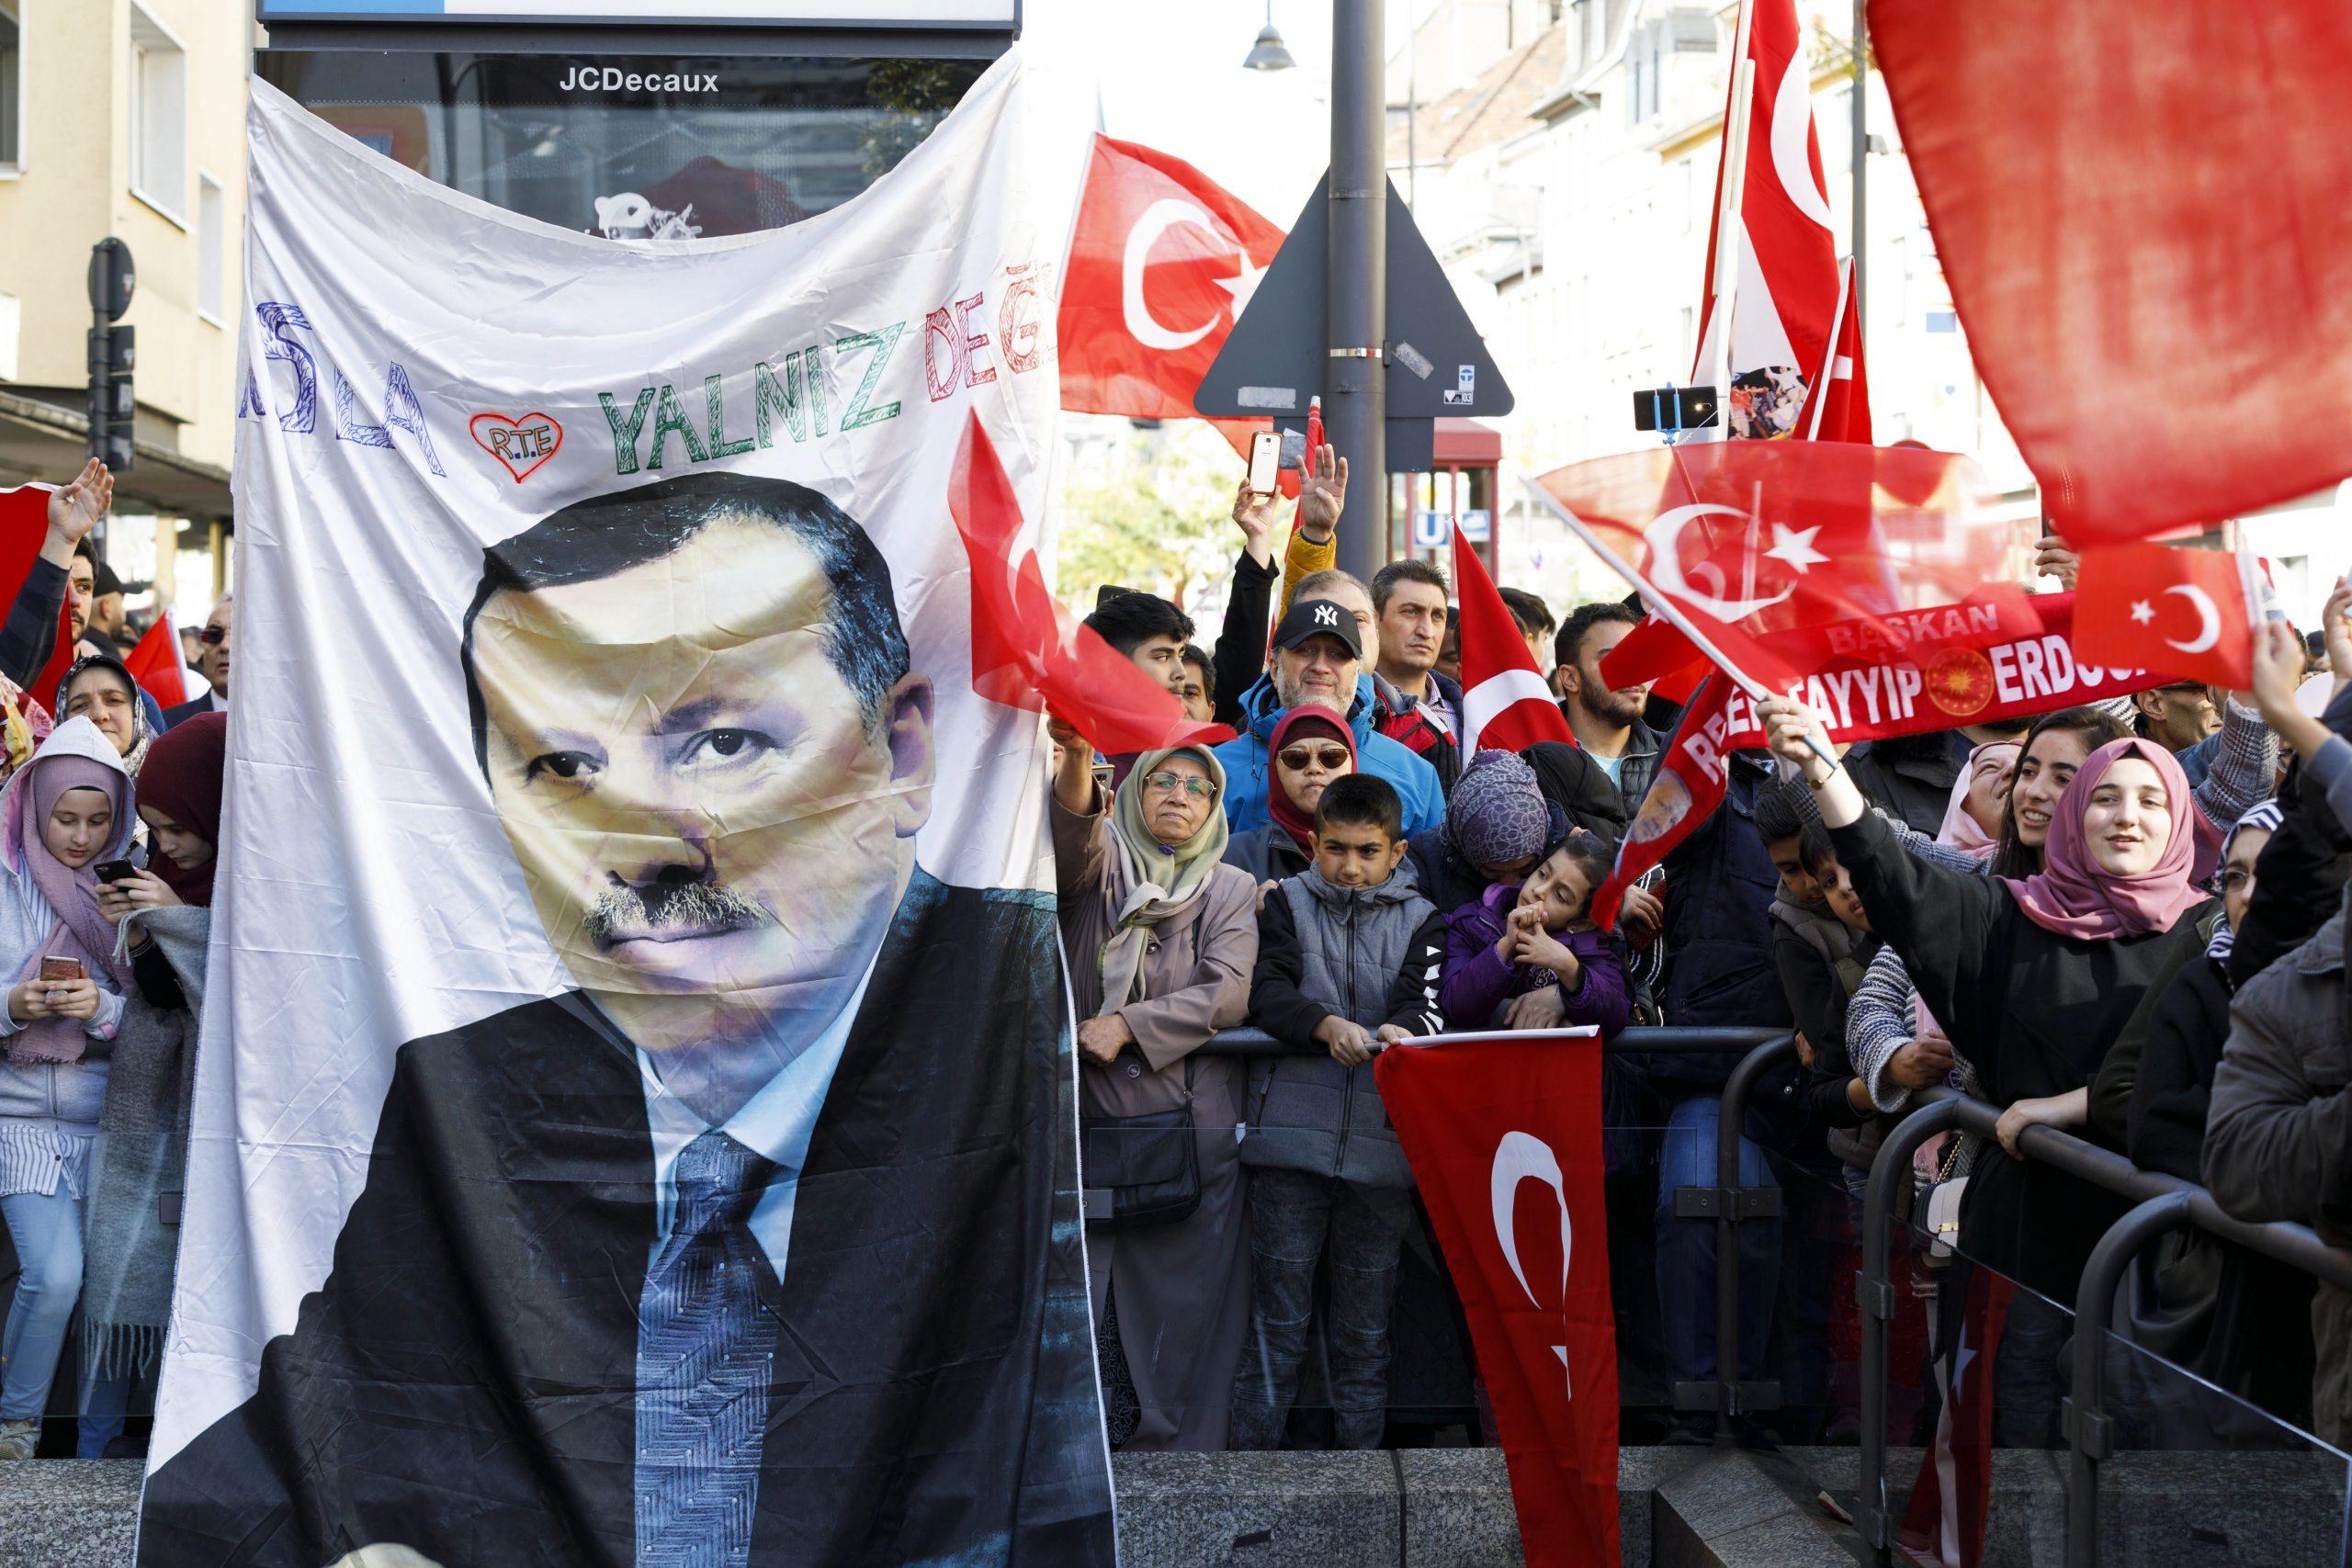 Erdogan-Anhänger demonstrierten anläßlich des Staatsbesuch des türkischen Präsidenten Recep Tayyip Erdogan in Köln 2018 Foto: picture alliance/Geisler-Fotopress